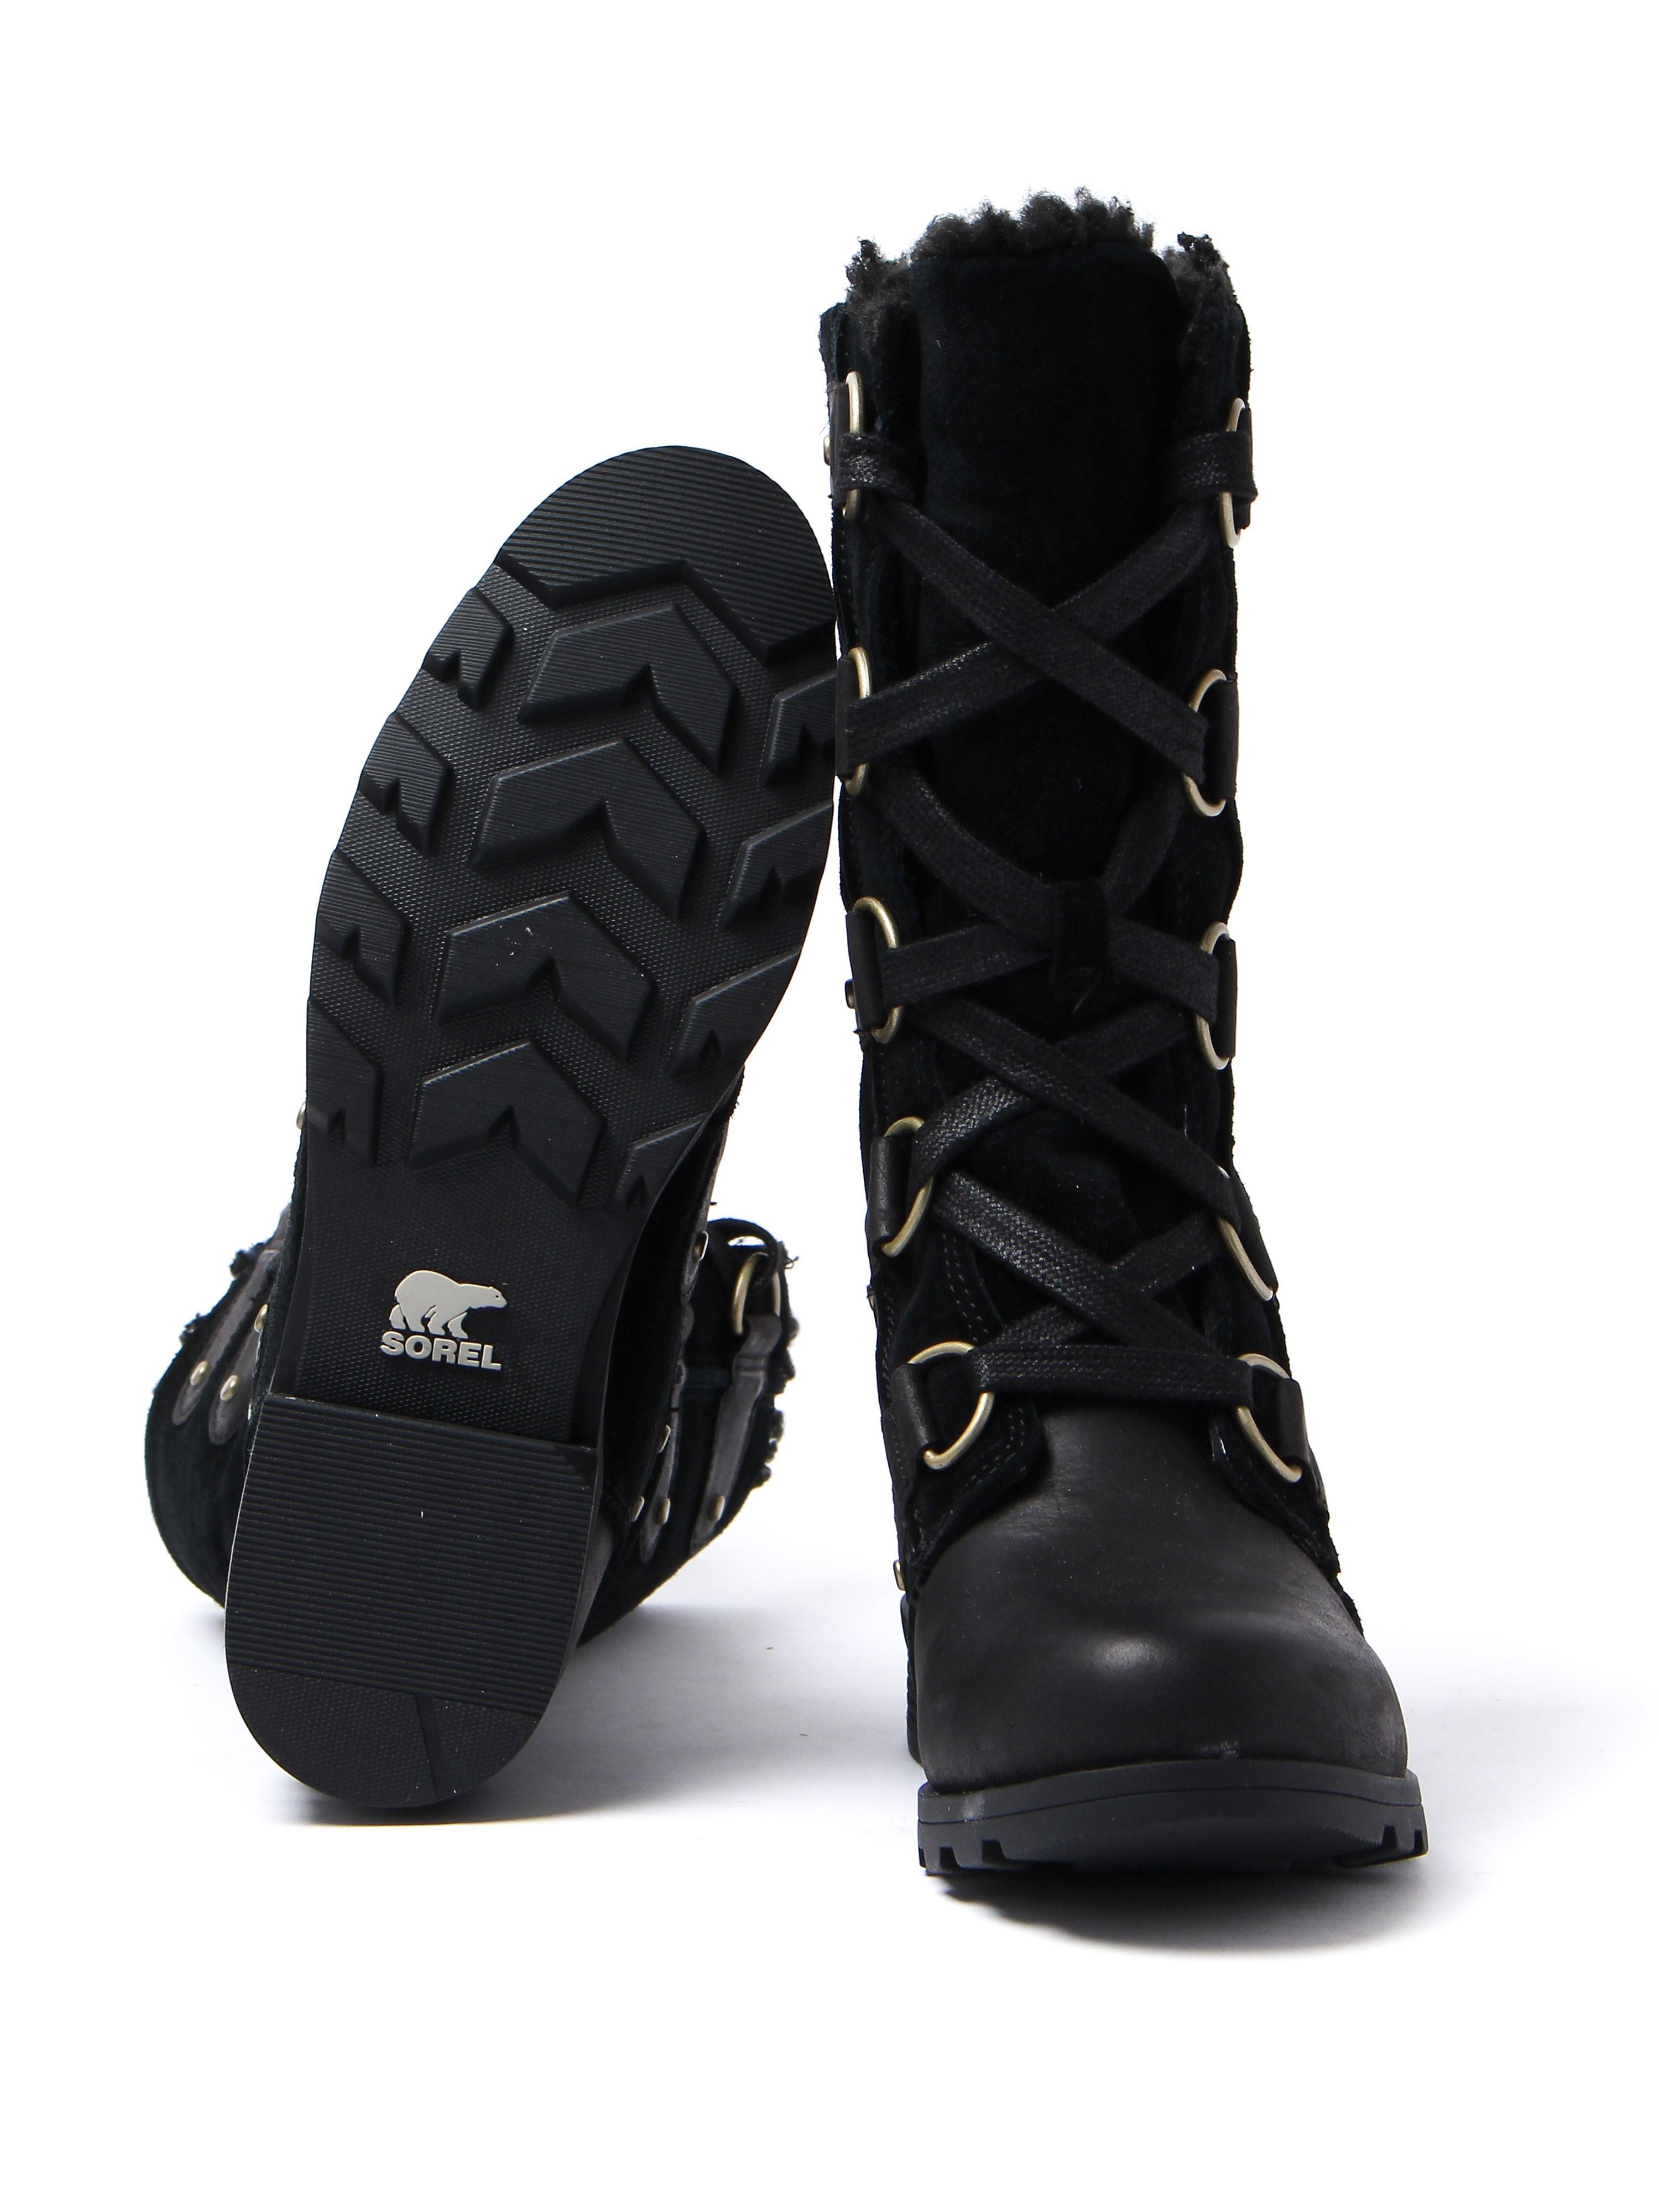 Sorel Women's Emelie Lace Boots - Black